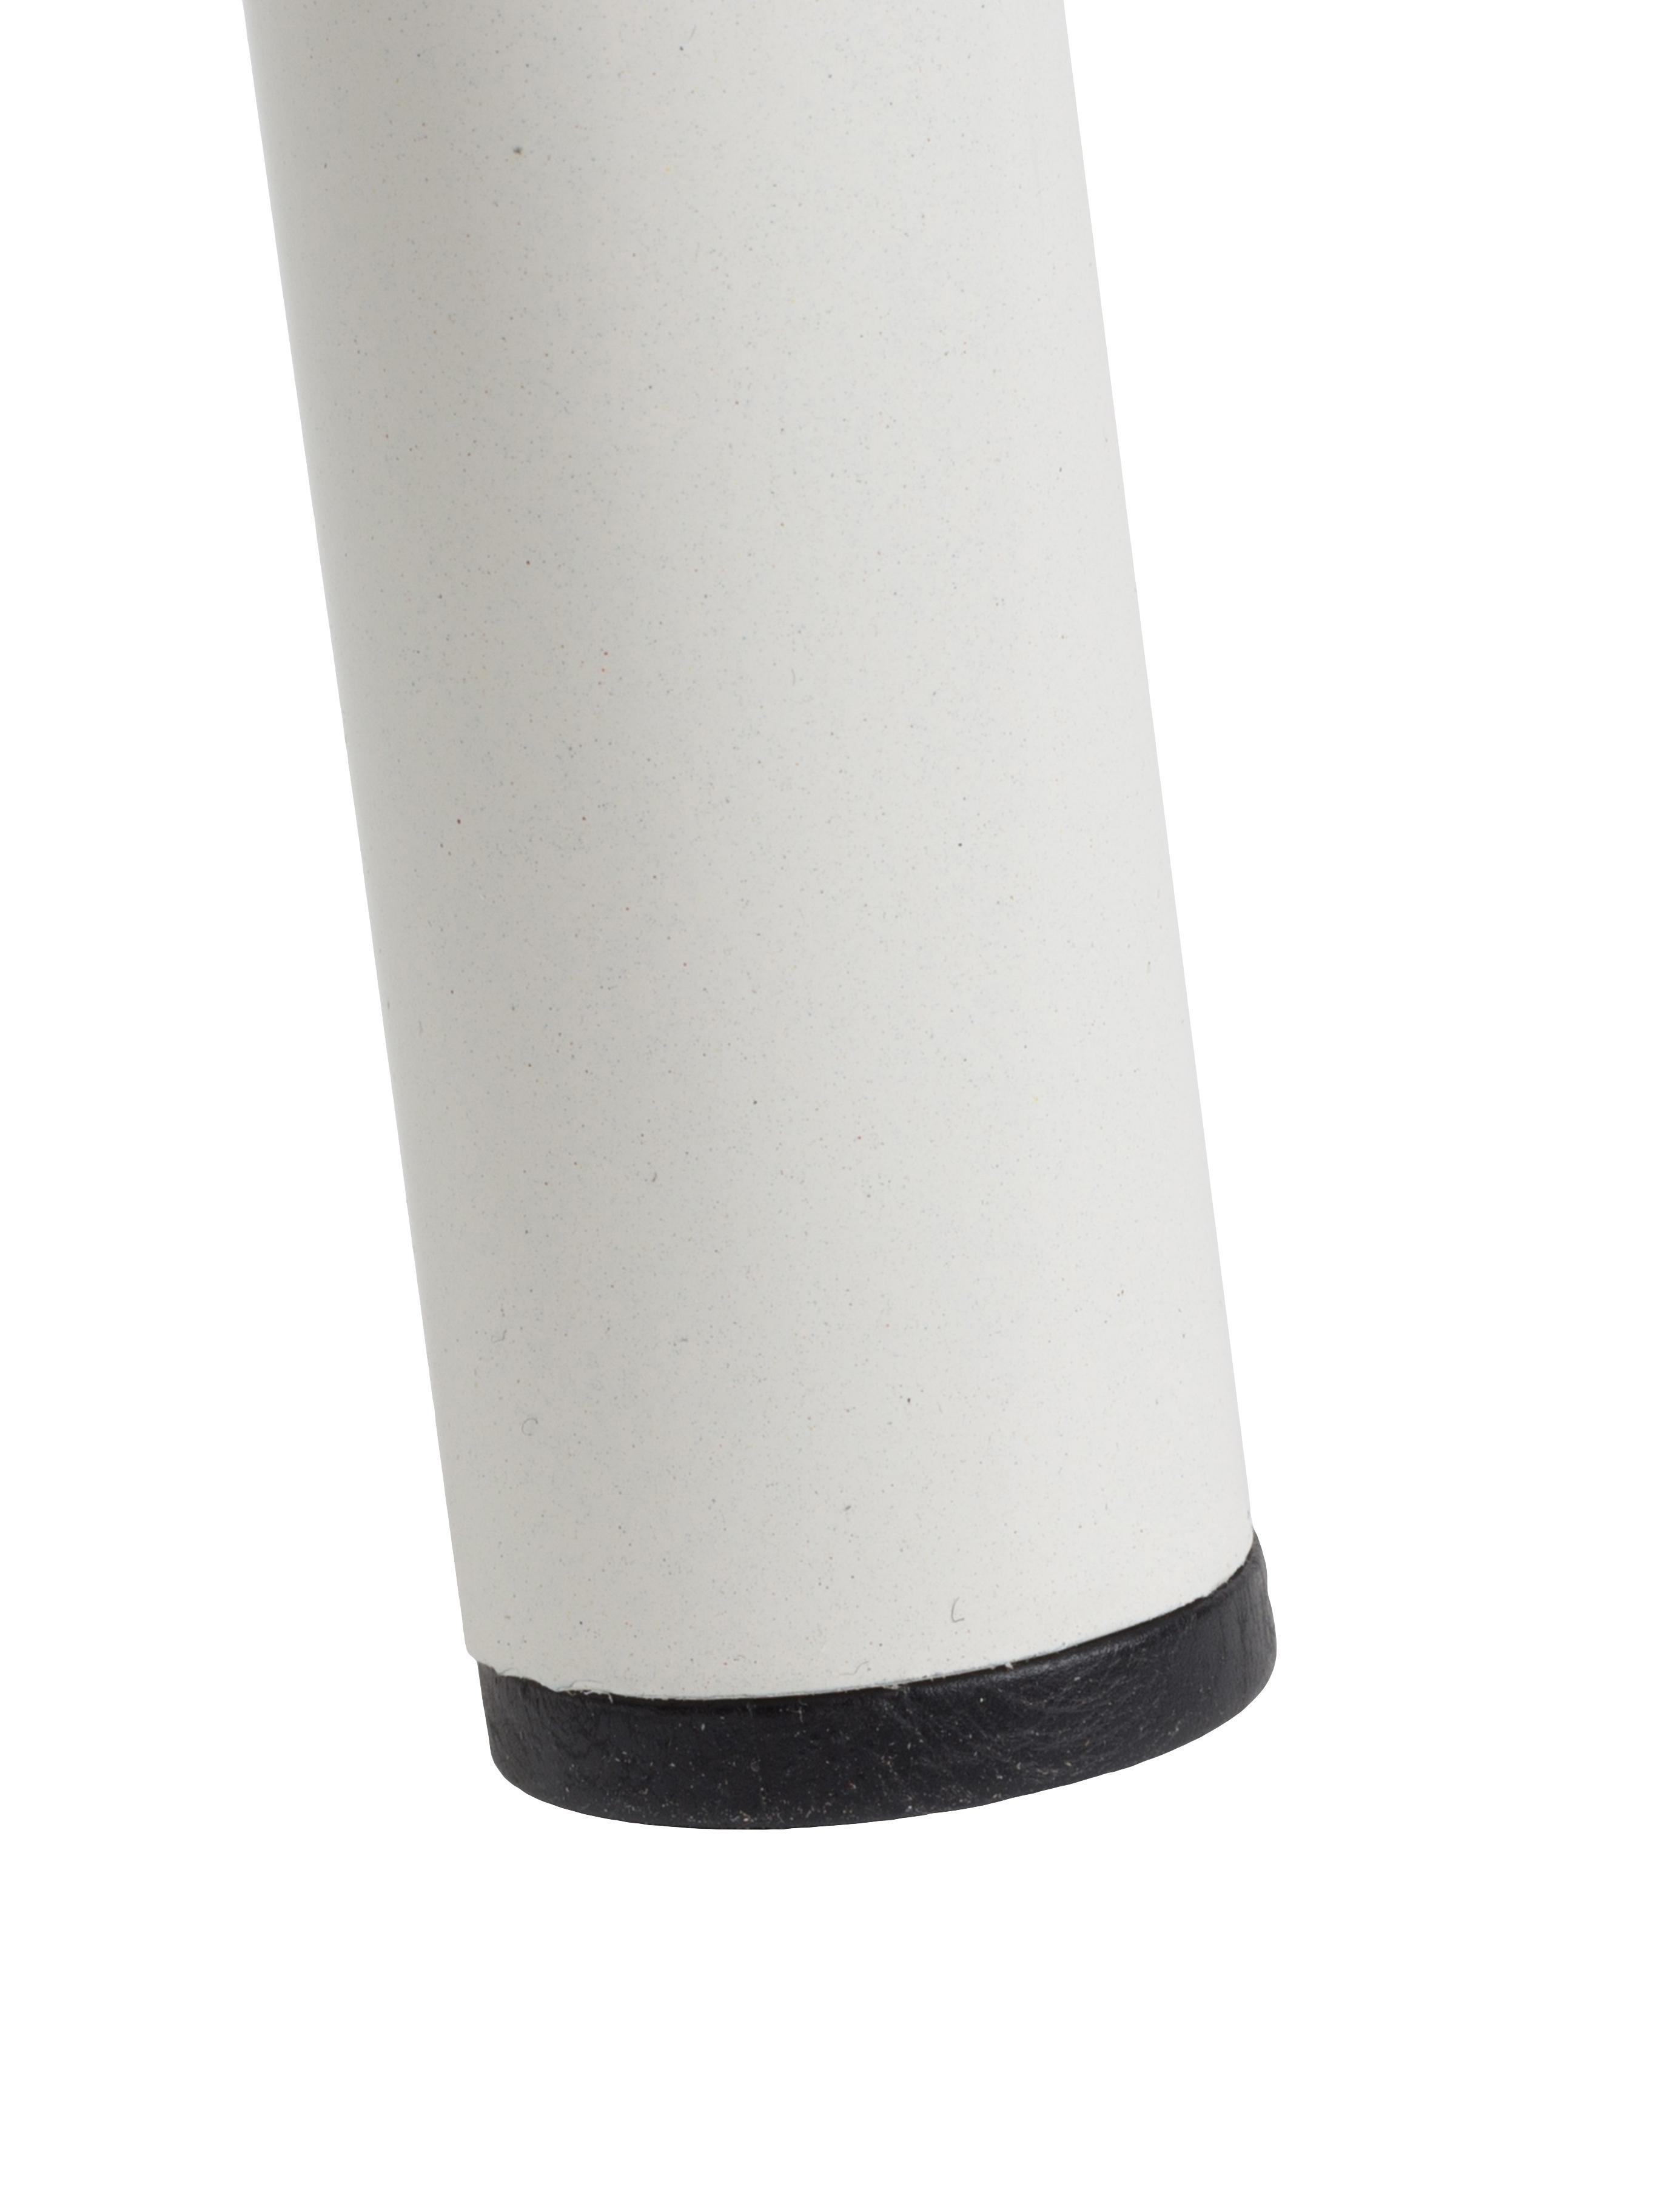 Sillas Back to School, 4uds., Patas: metal, pintado en polvo, Asiento: laminado, Blanco, An 43 x Al 83 cm